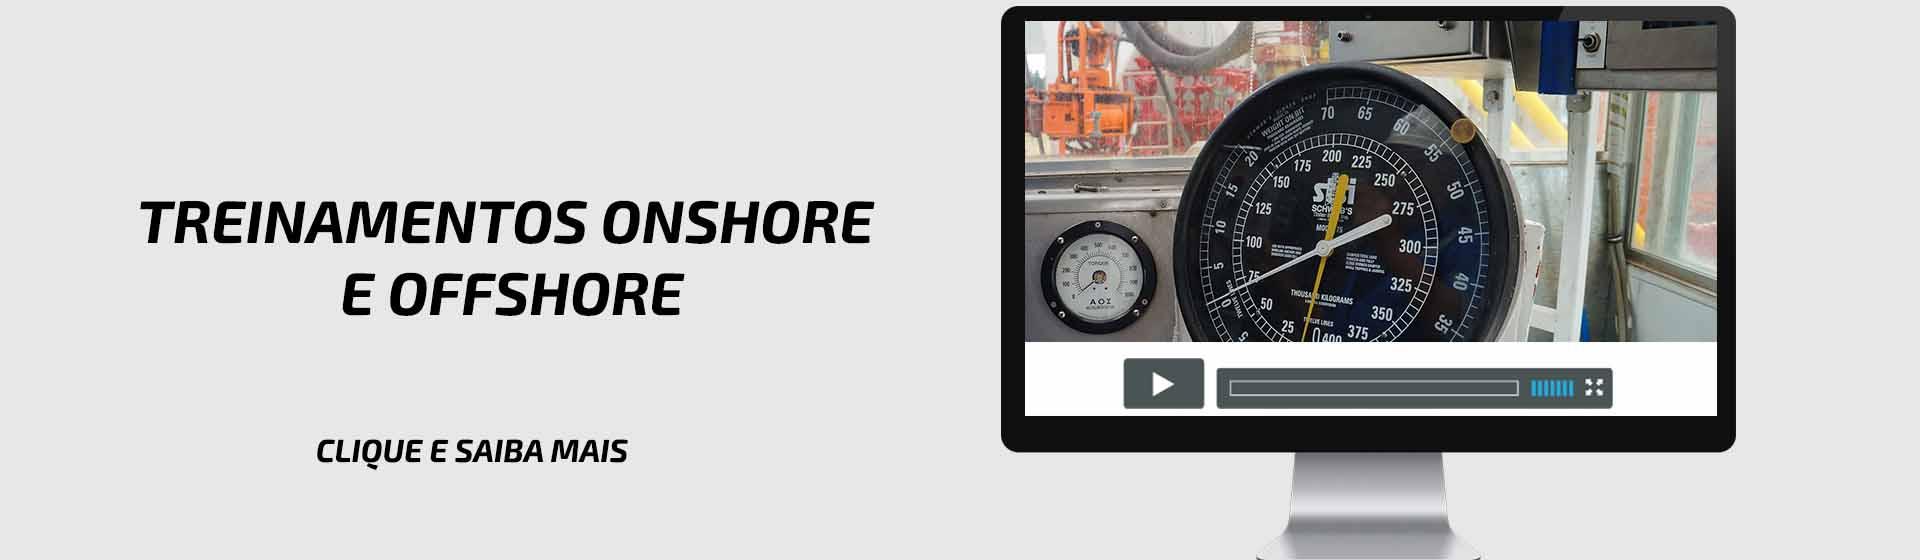 Treinamentos offshore3